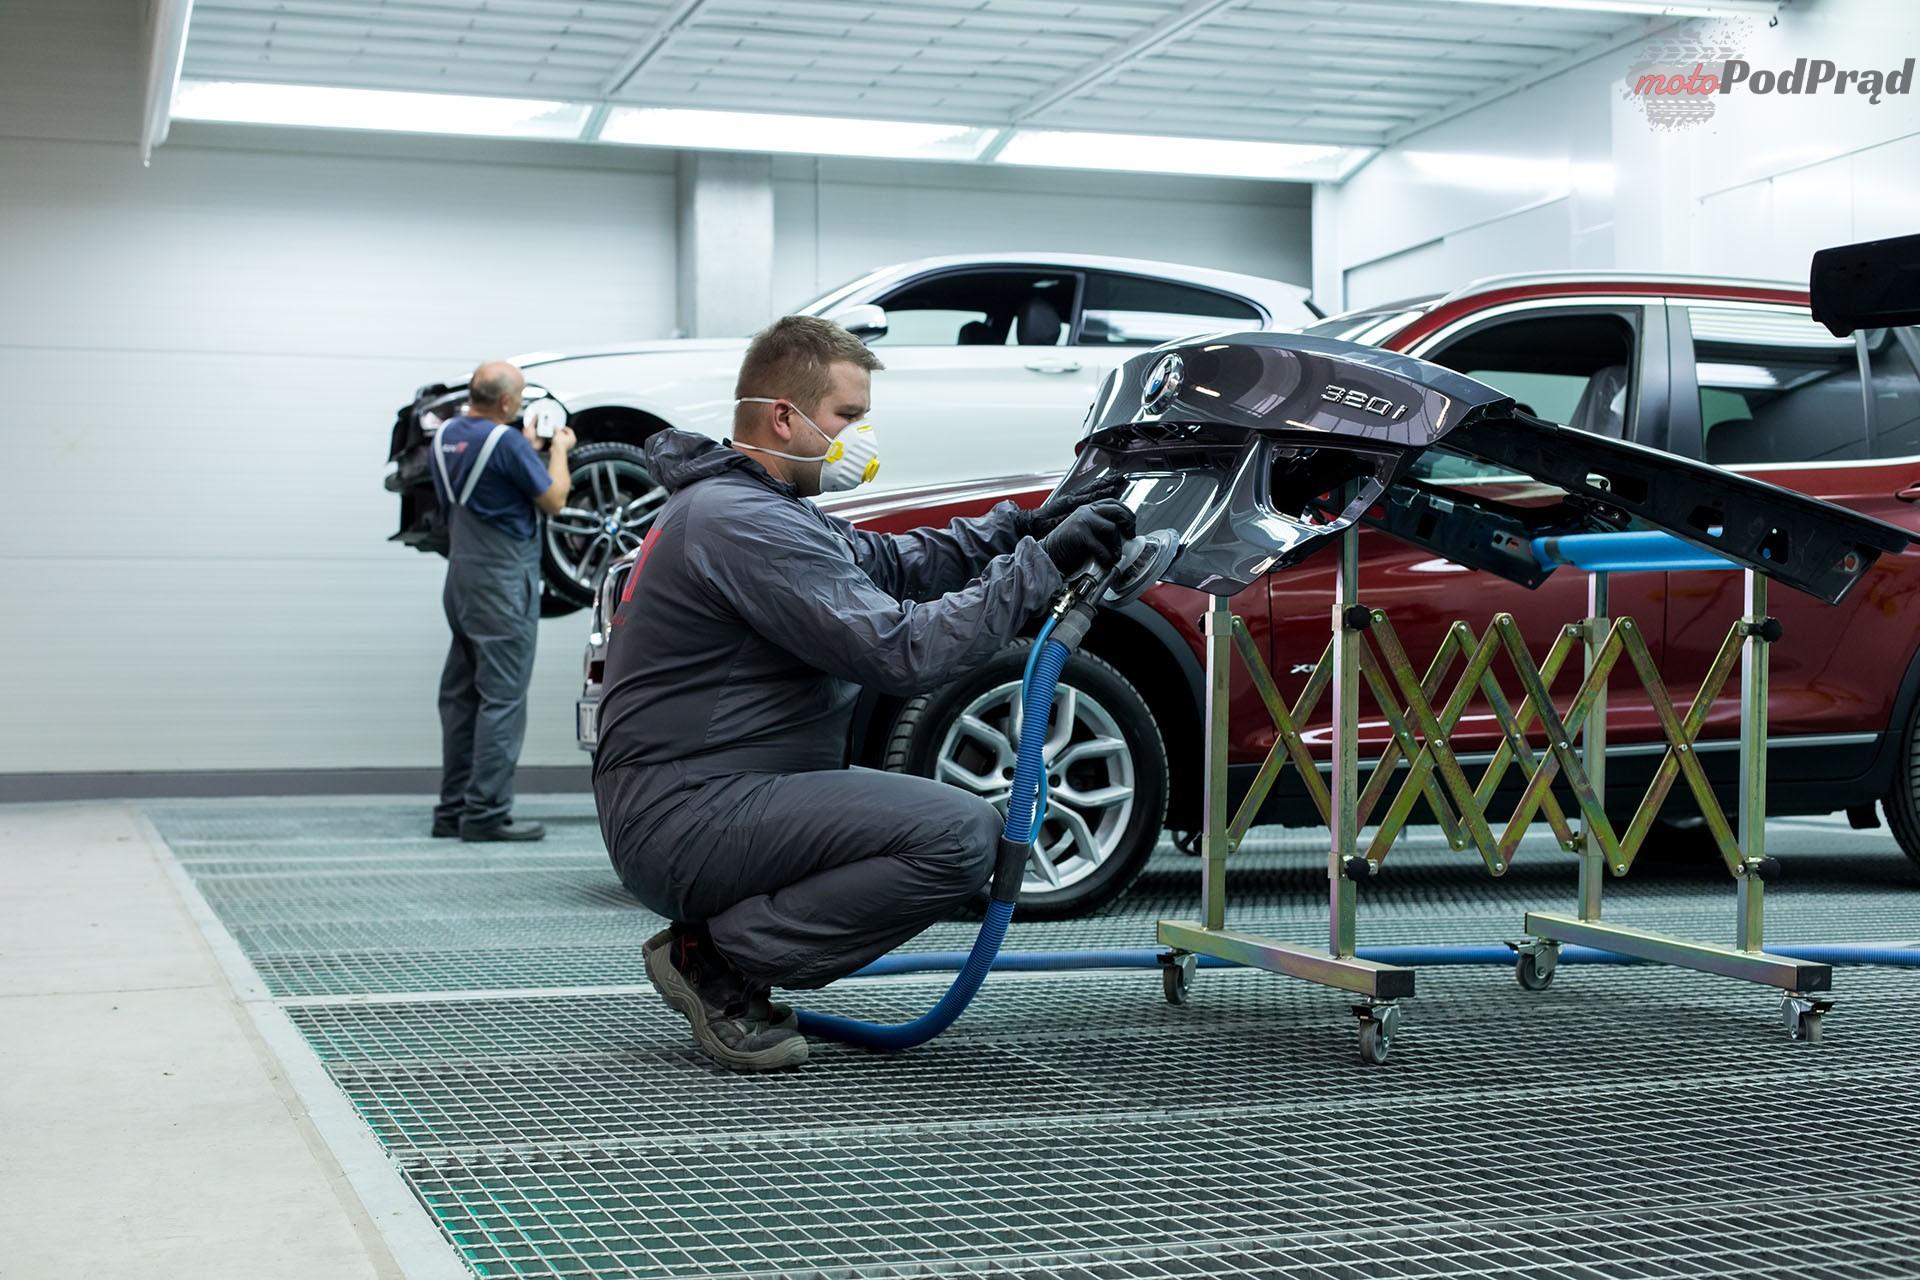 AC43289 Inchcape Motor Polska otworzył najnowocześniejszy zakład blacharsko lakierniczy